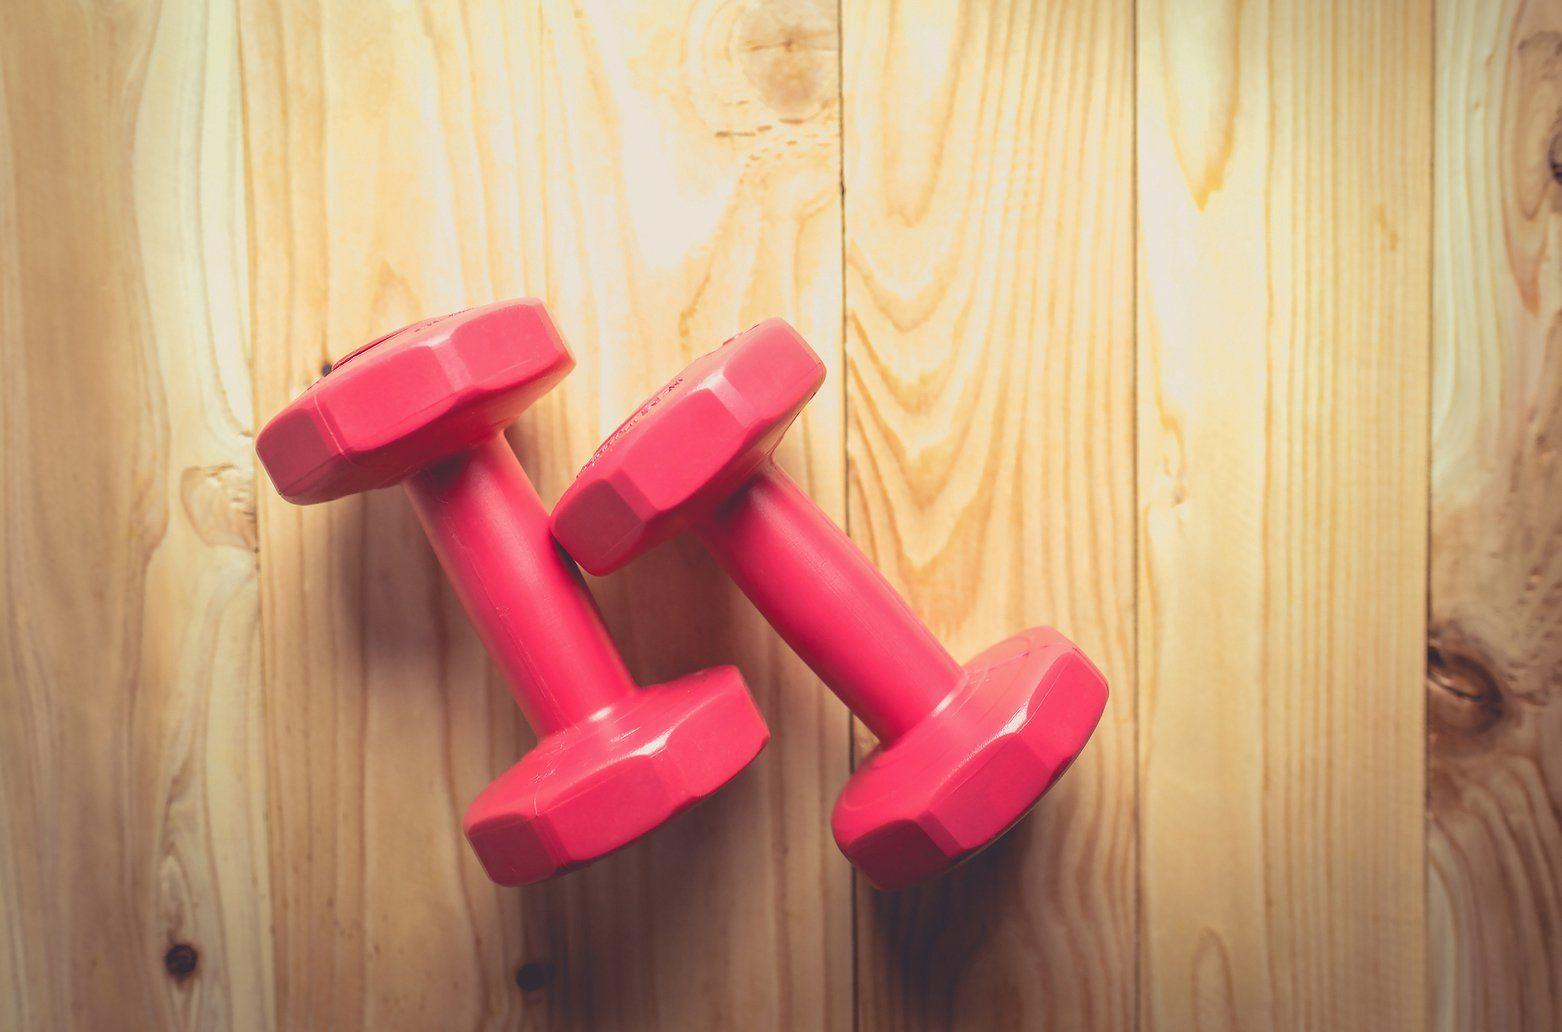 3 goto dumbbell arm exercises for beginners